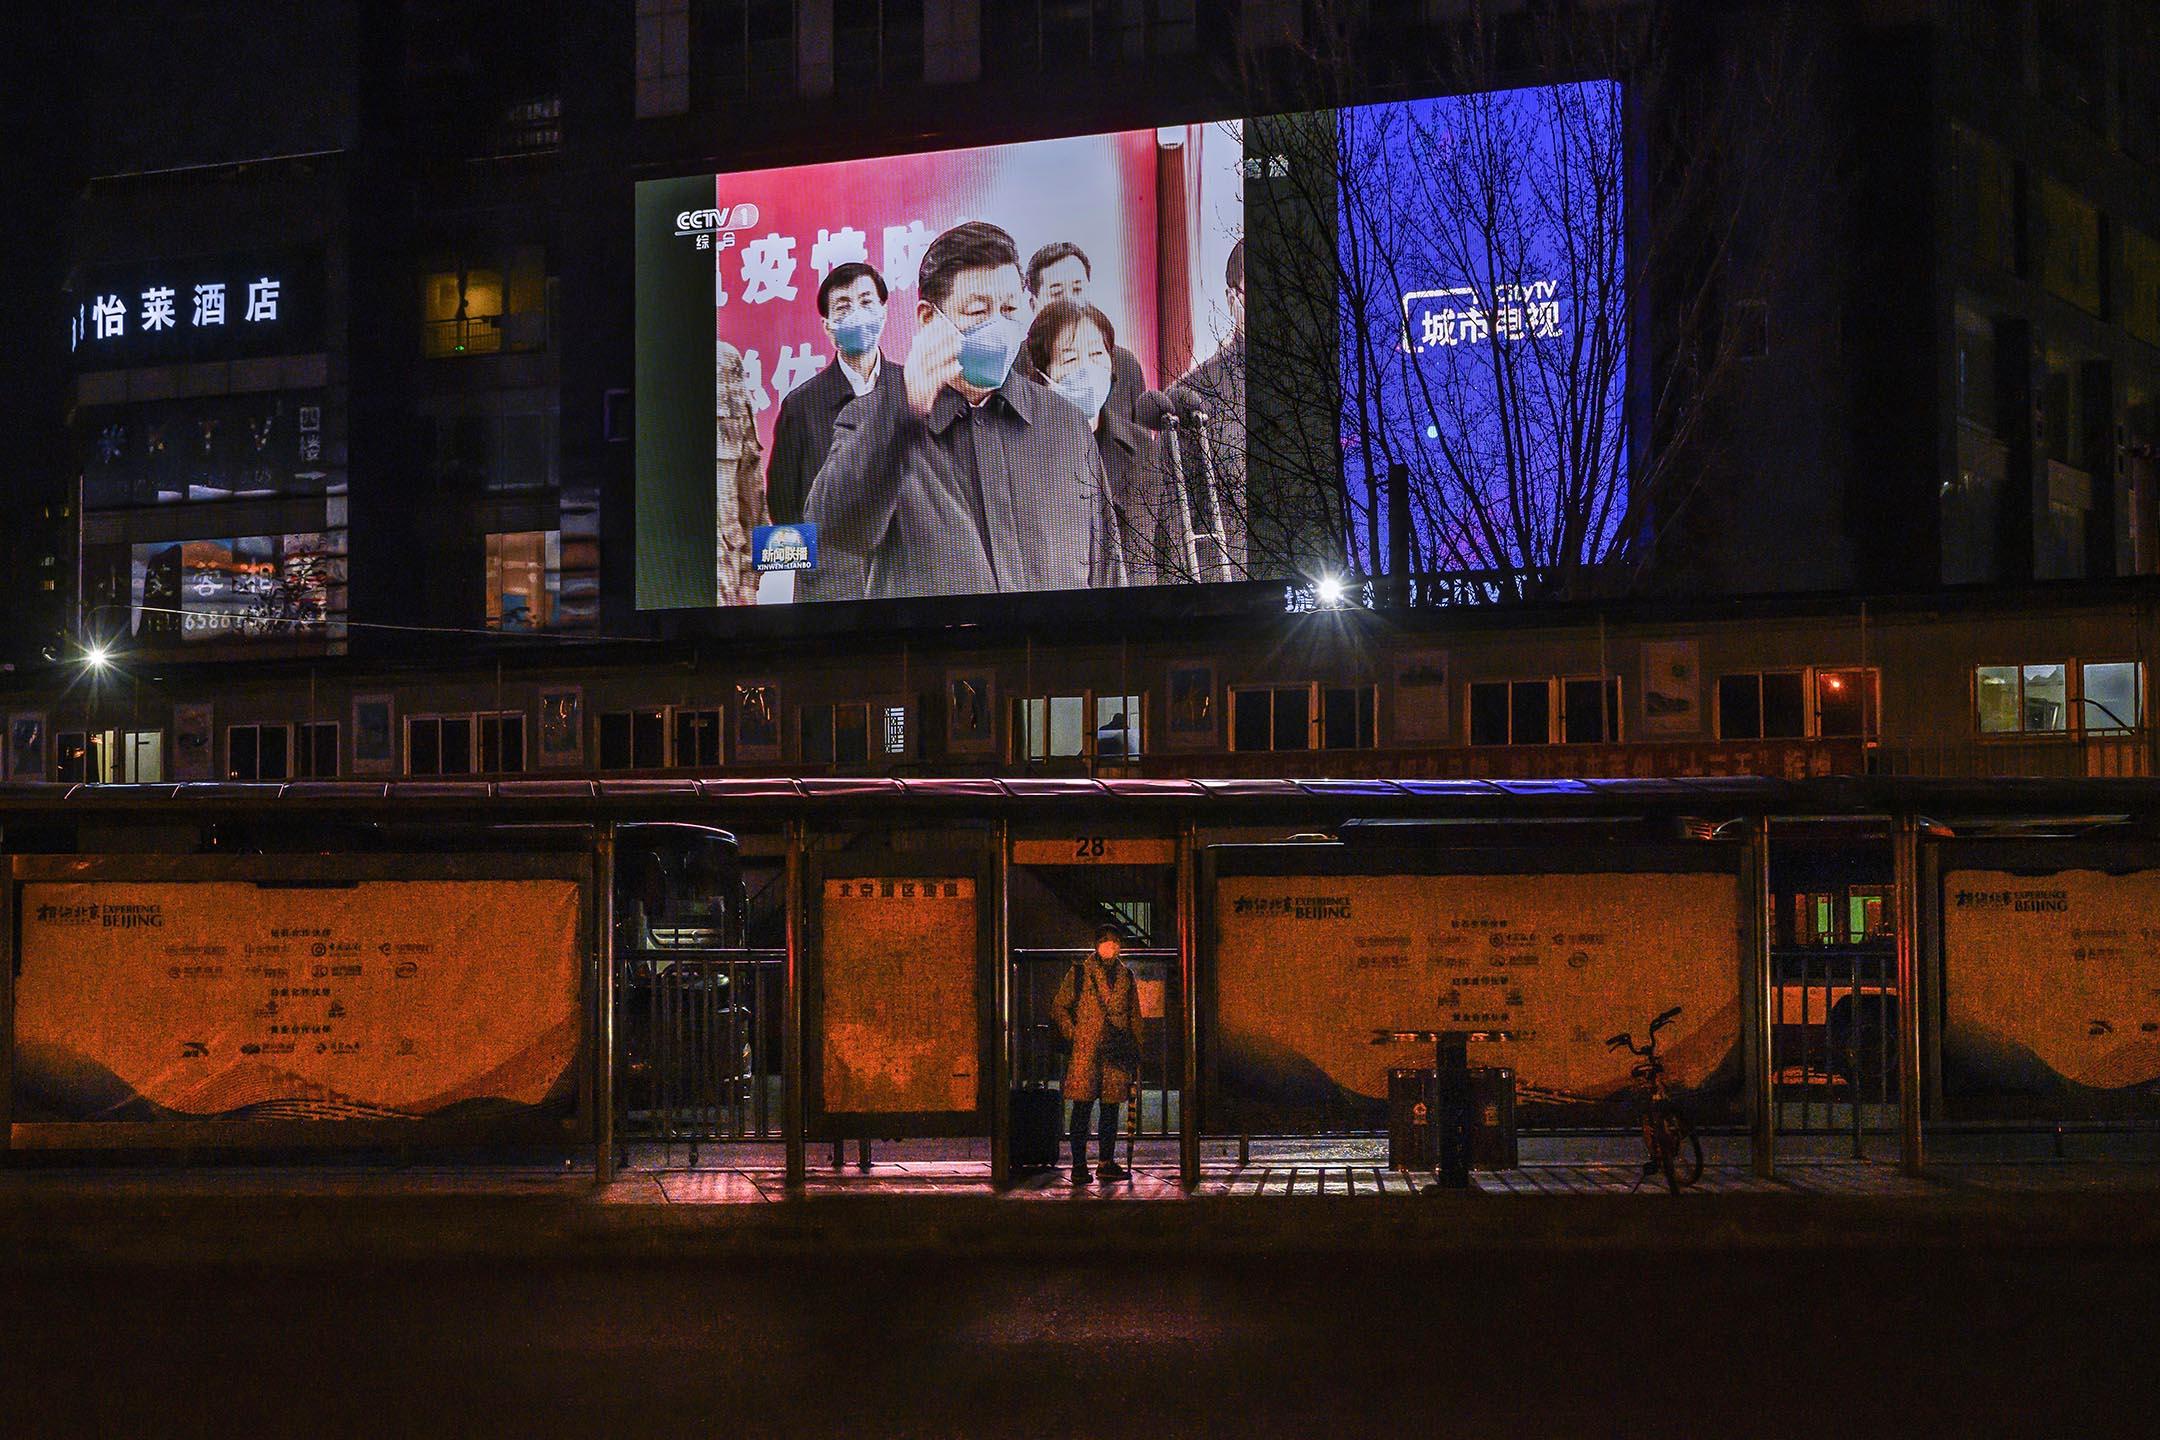 2020年3月10日北京,大街上的大屏幕播放新聞,顯示中國國家主席習近平訪問武漢。